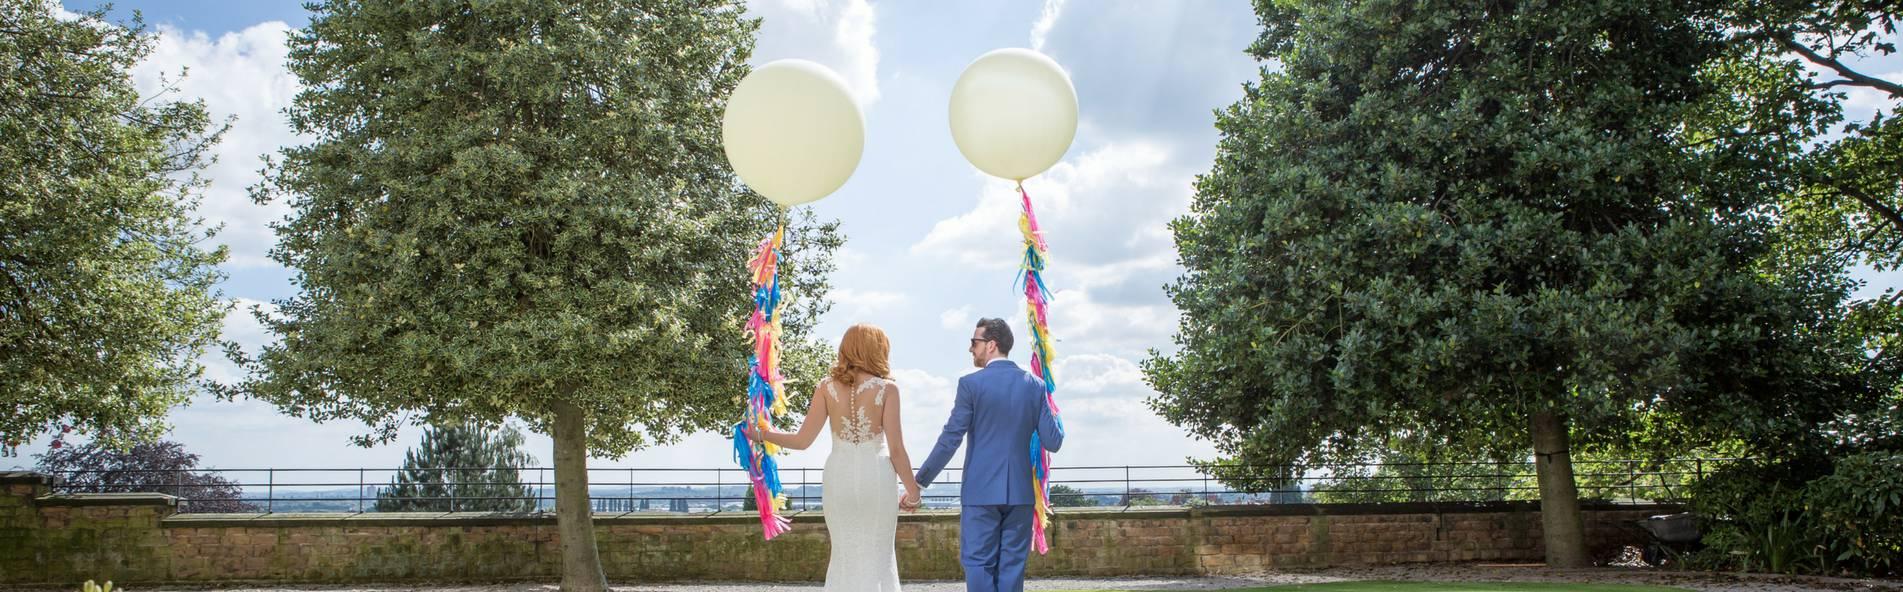 https://unconventionalwedding.co.uk/wp-content/uploads/2018/03/Harts_photoshoot-resized.jpg